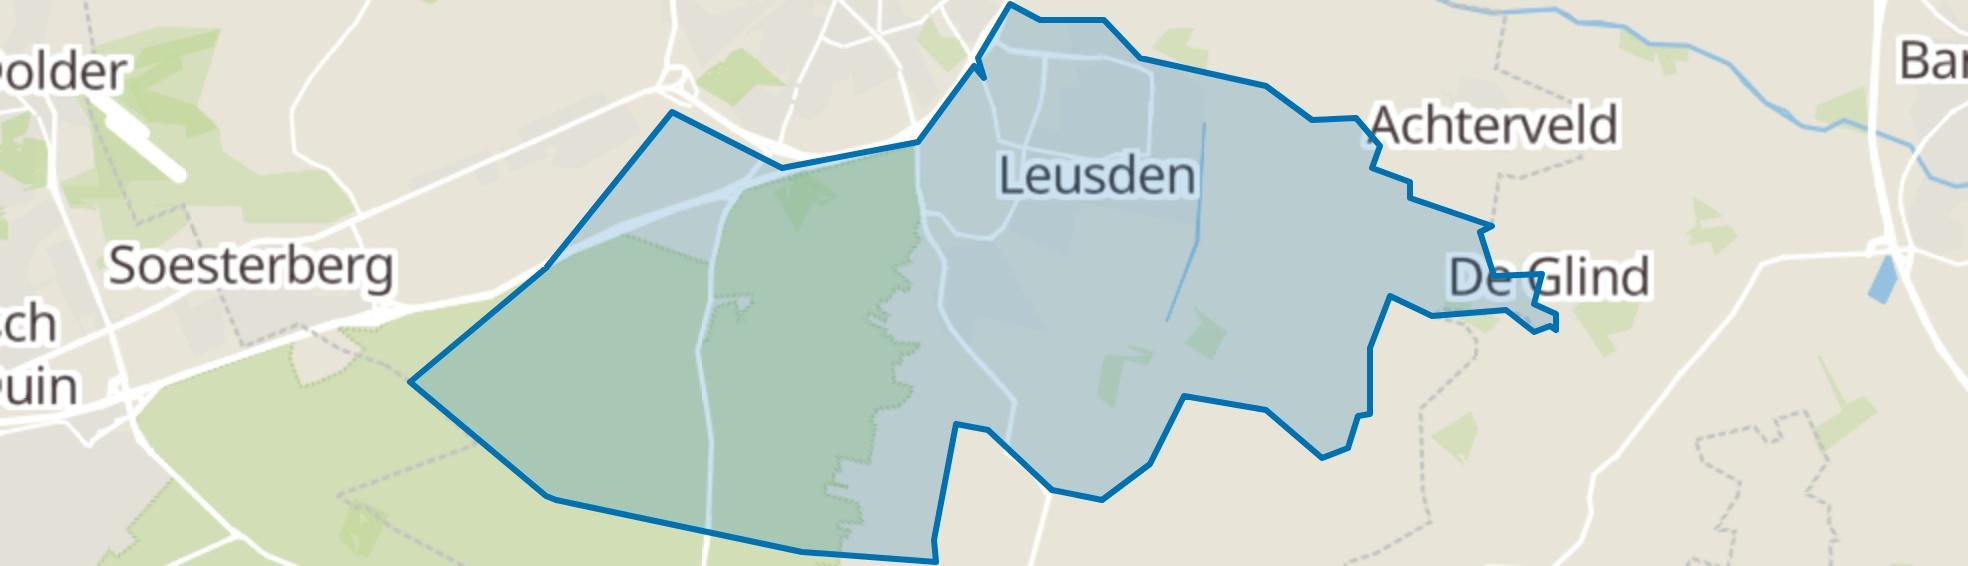 Leusden map